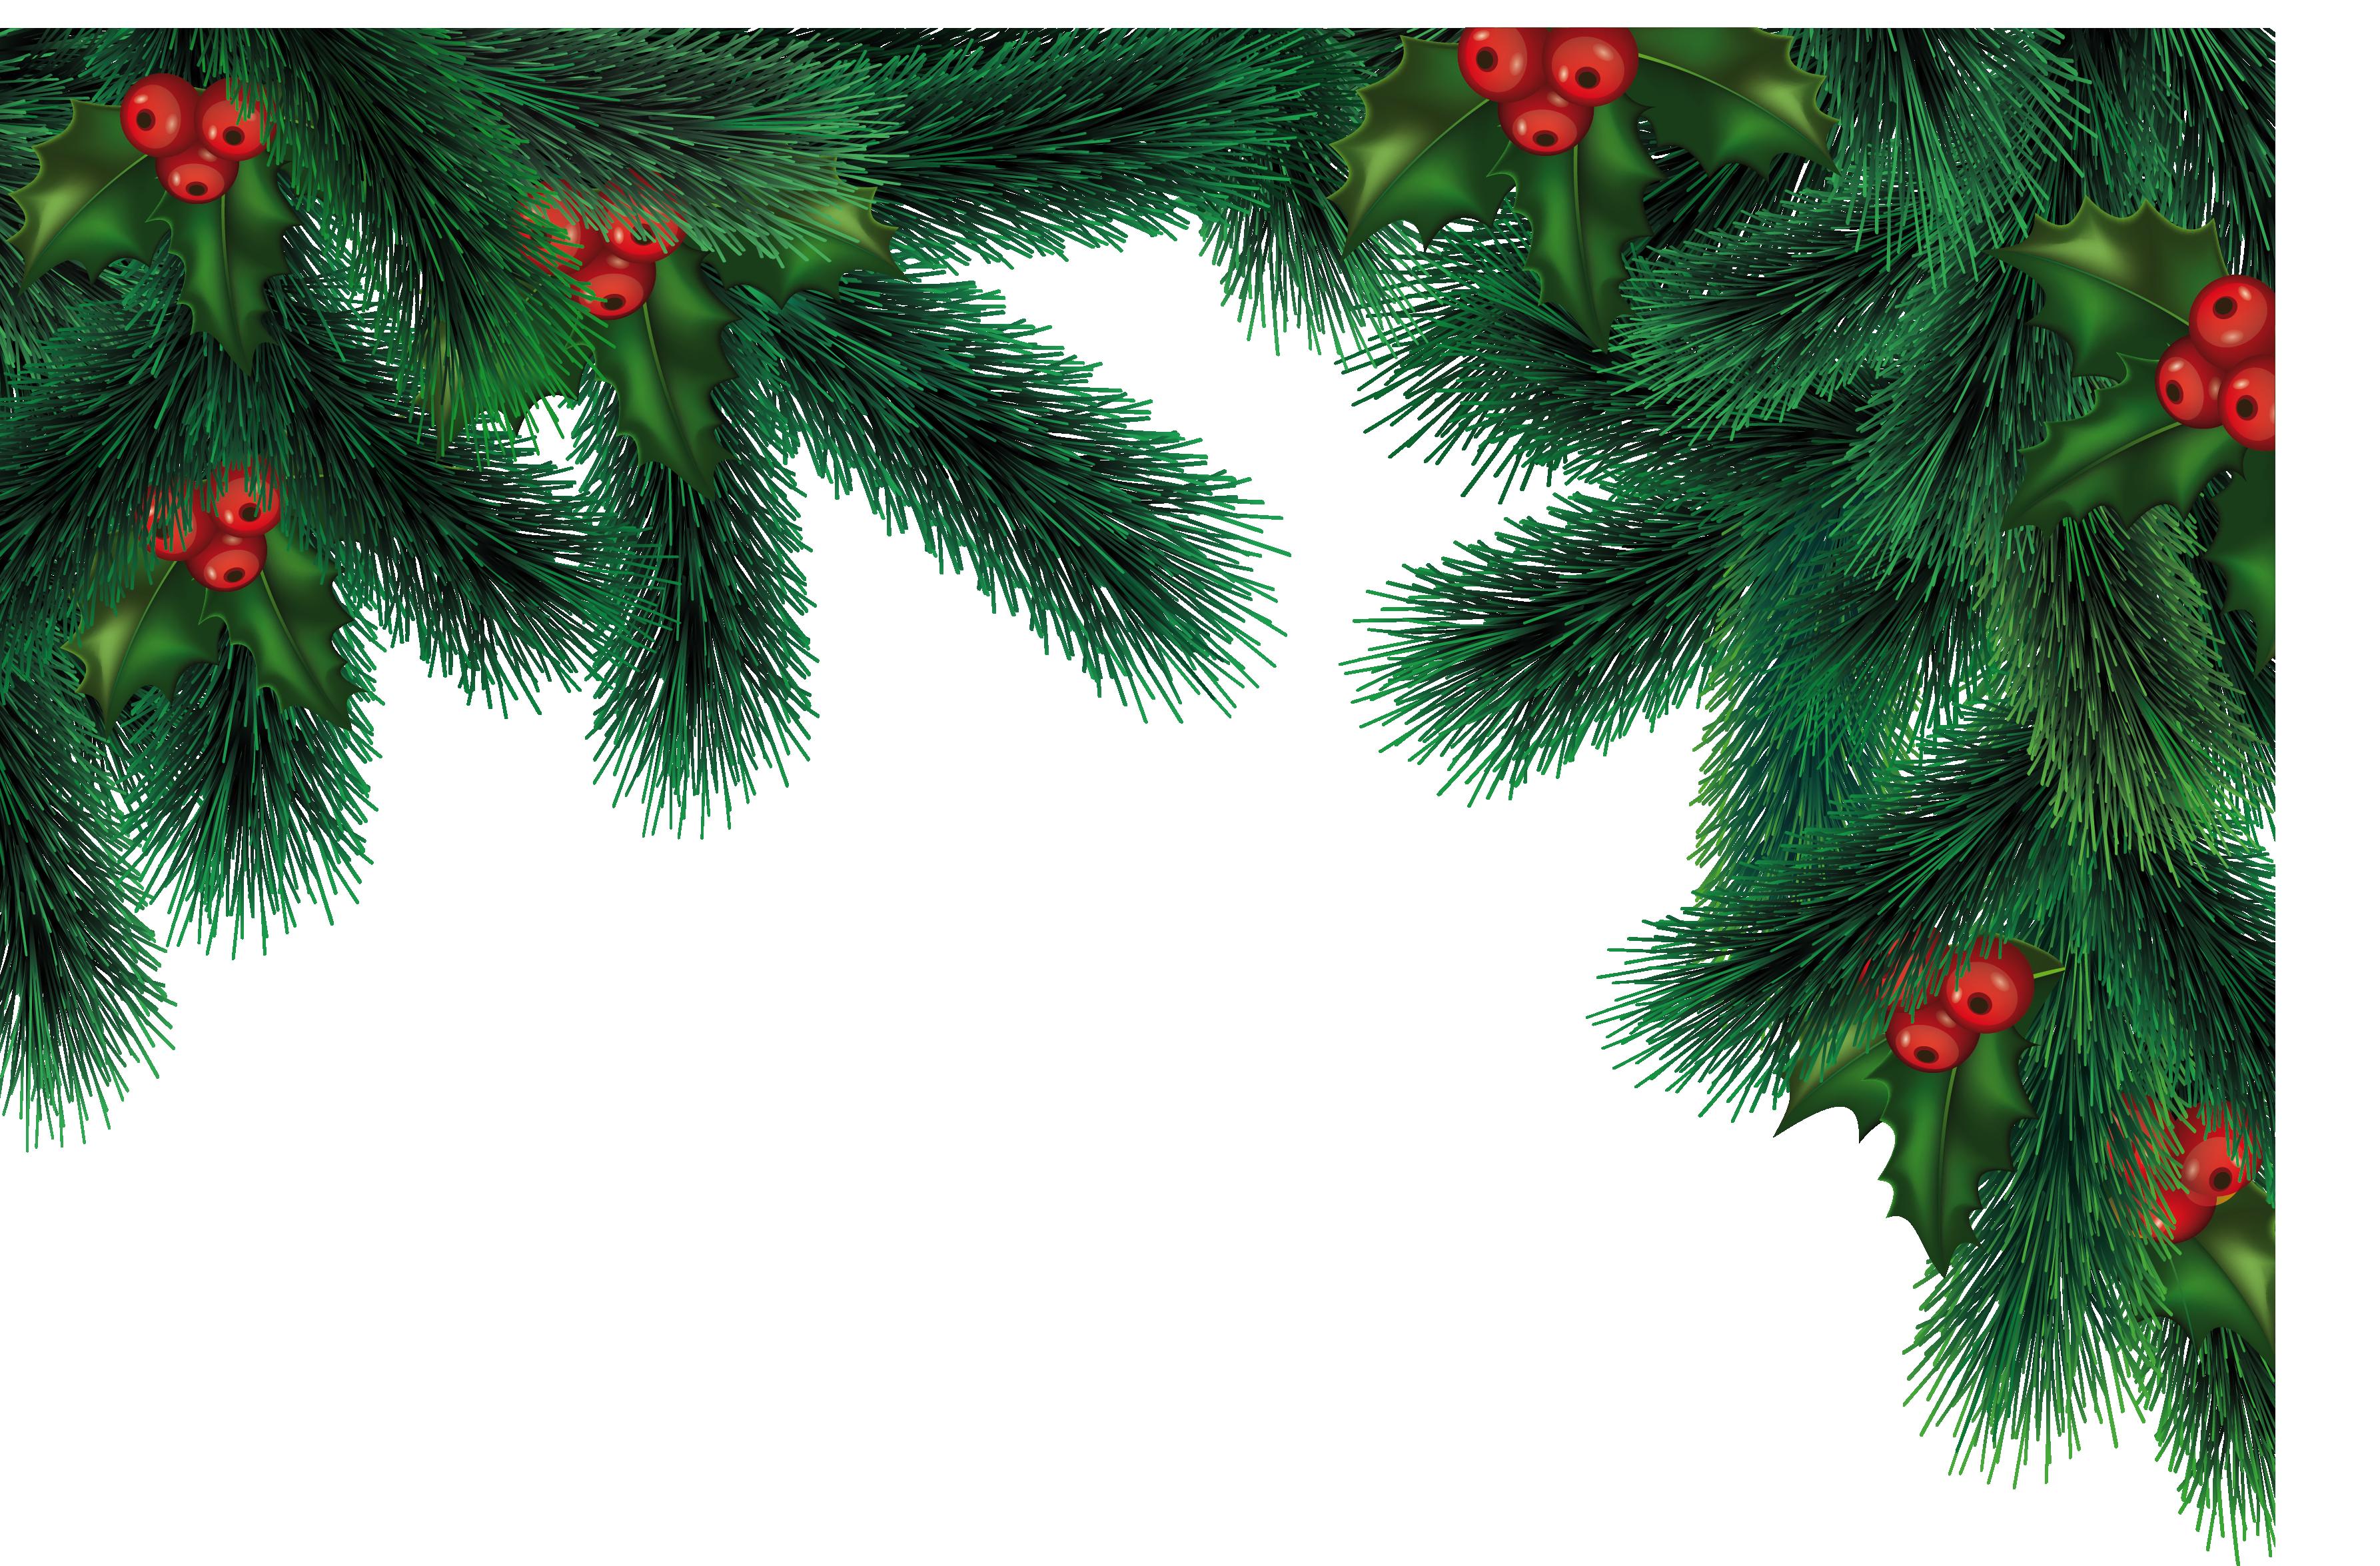 большие картинка веточка елки на прозрачном фоне устоявшимся традициям